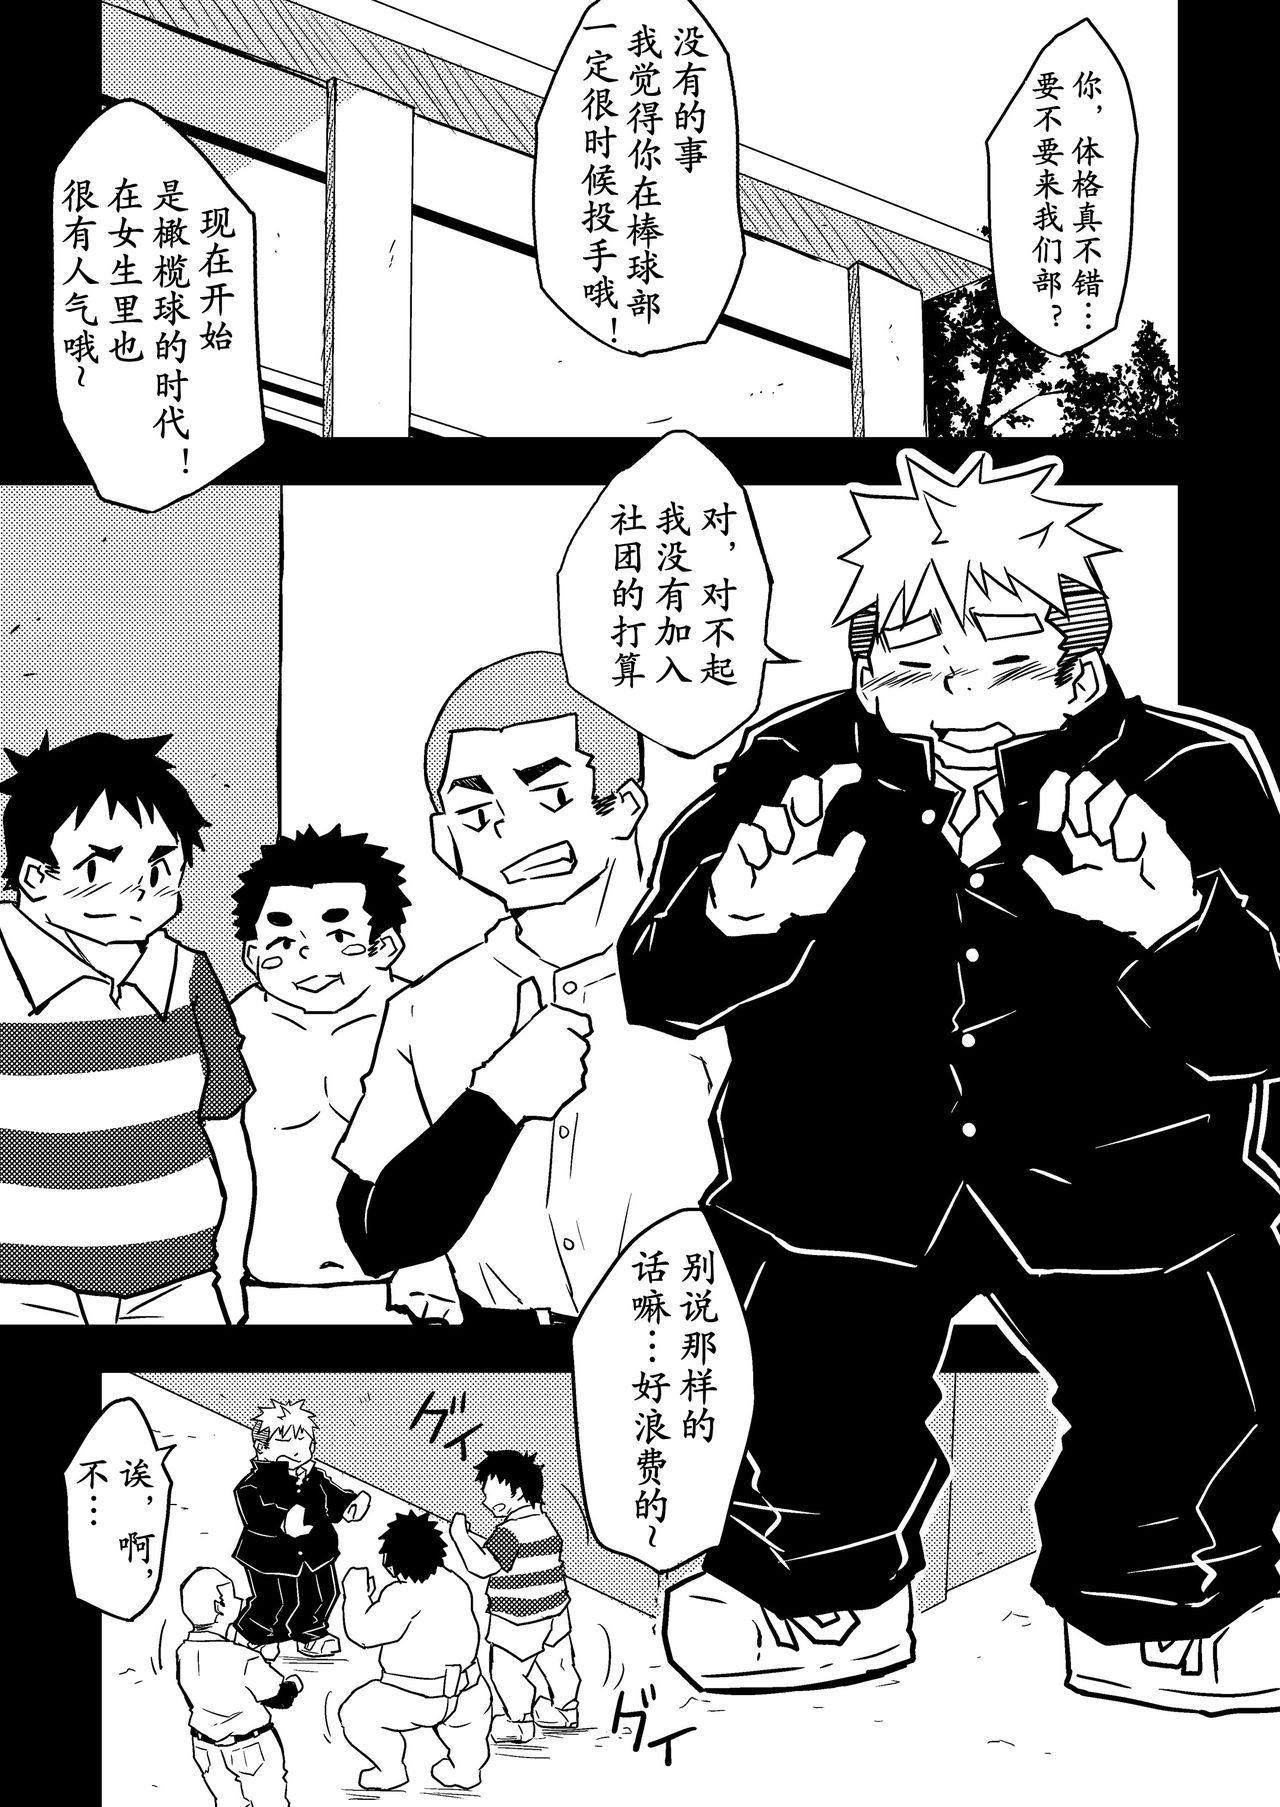 Datte Senpai ga Sukidakara! 8